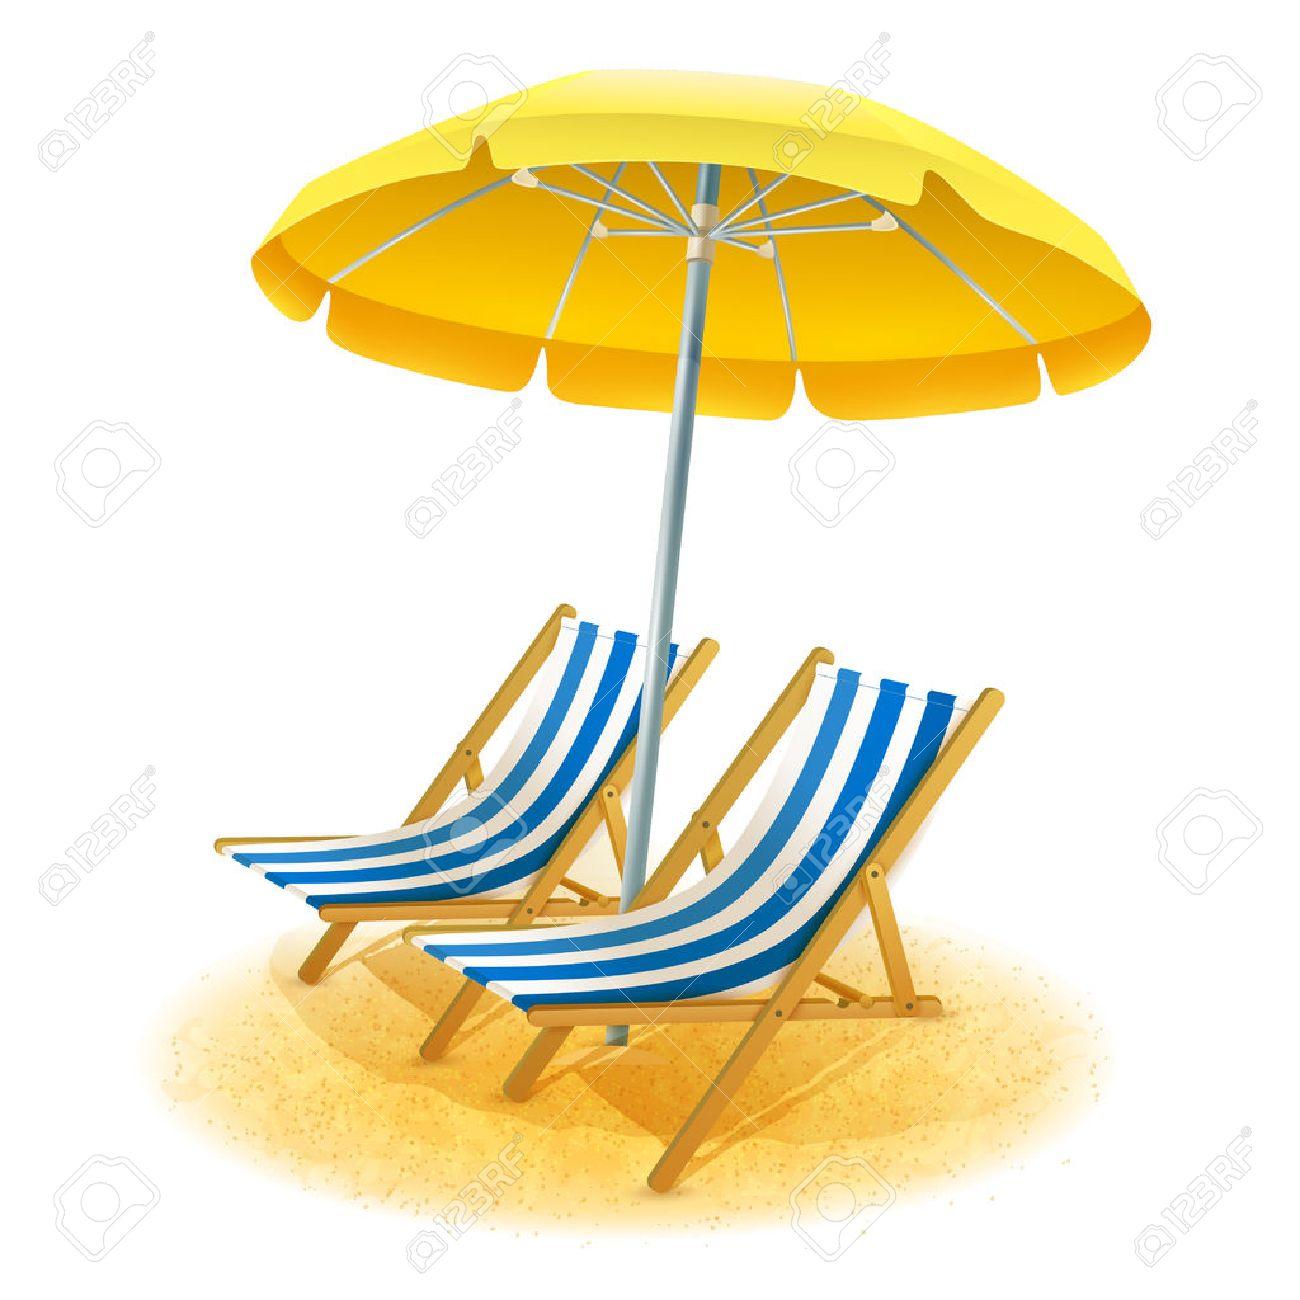 Sonnenschirm strand clipart  Strand Sommerurlaubsort Mit Liegestühlen Und Sonnenschirm Cartoon ...